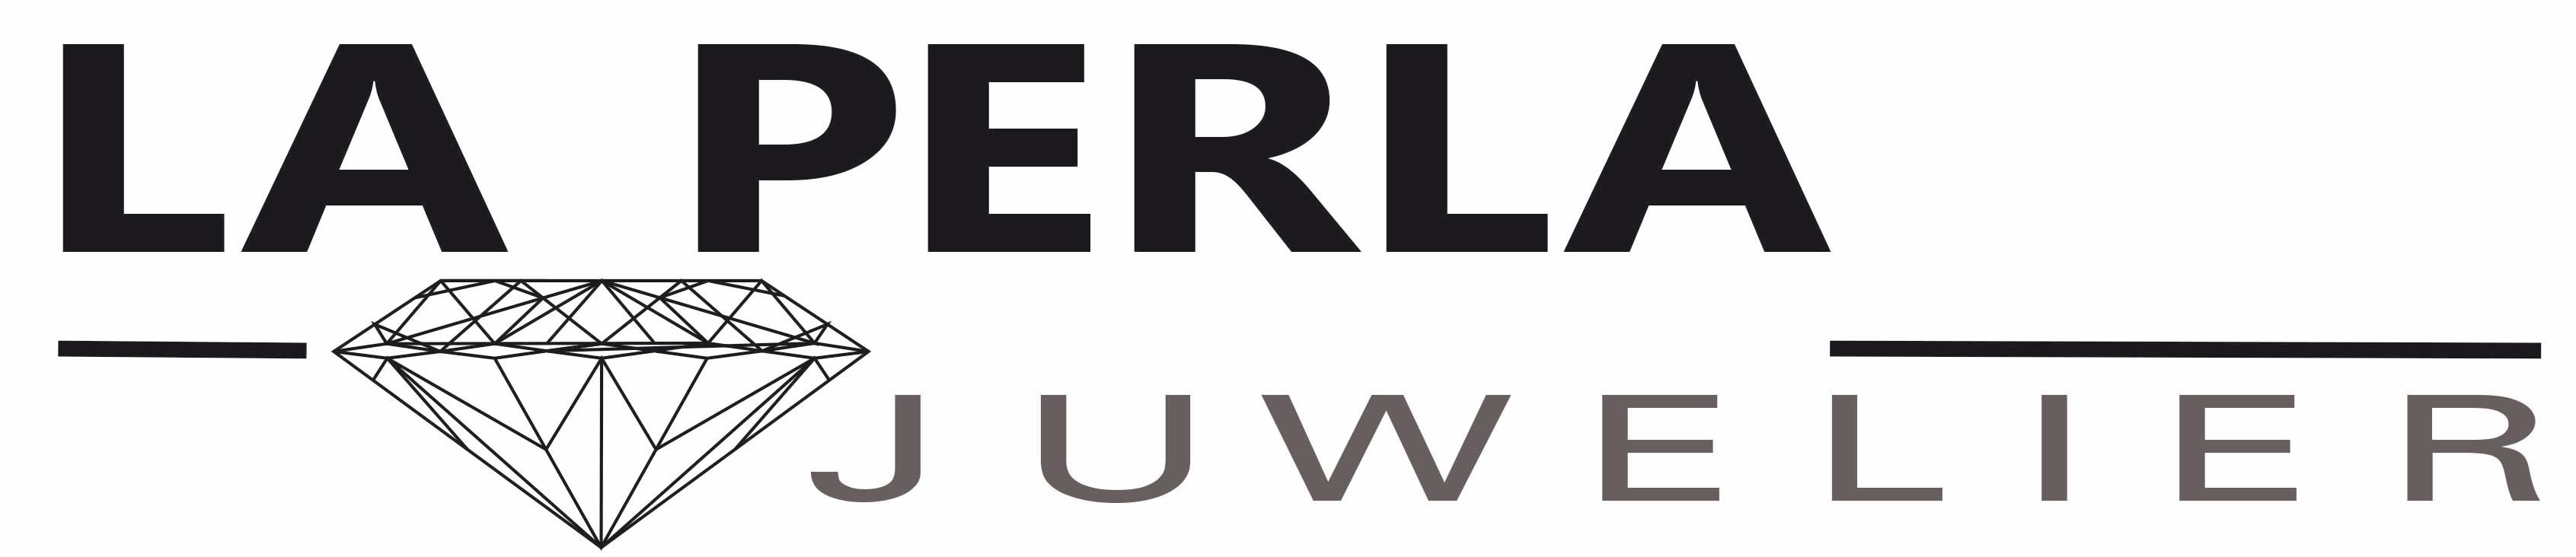 Logo van LA PERLA juwelier